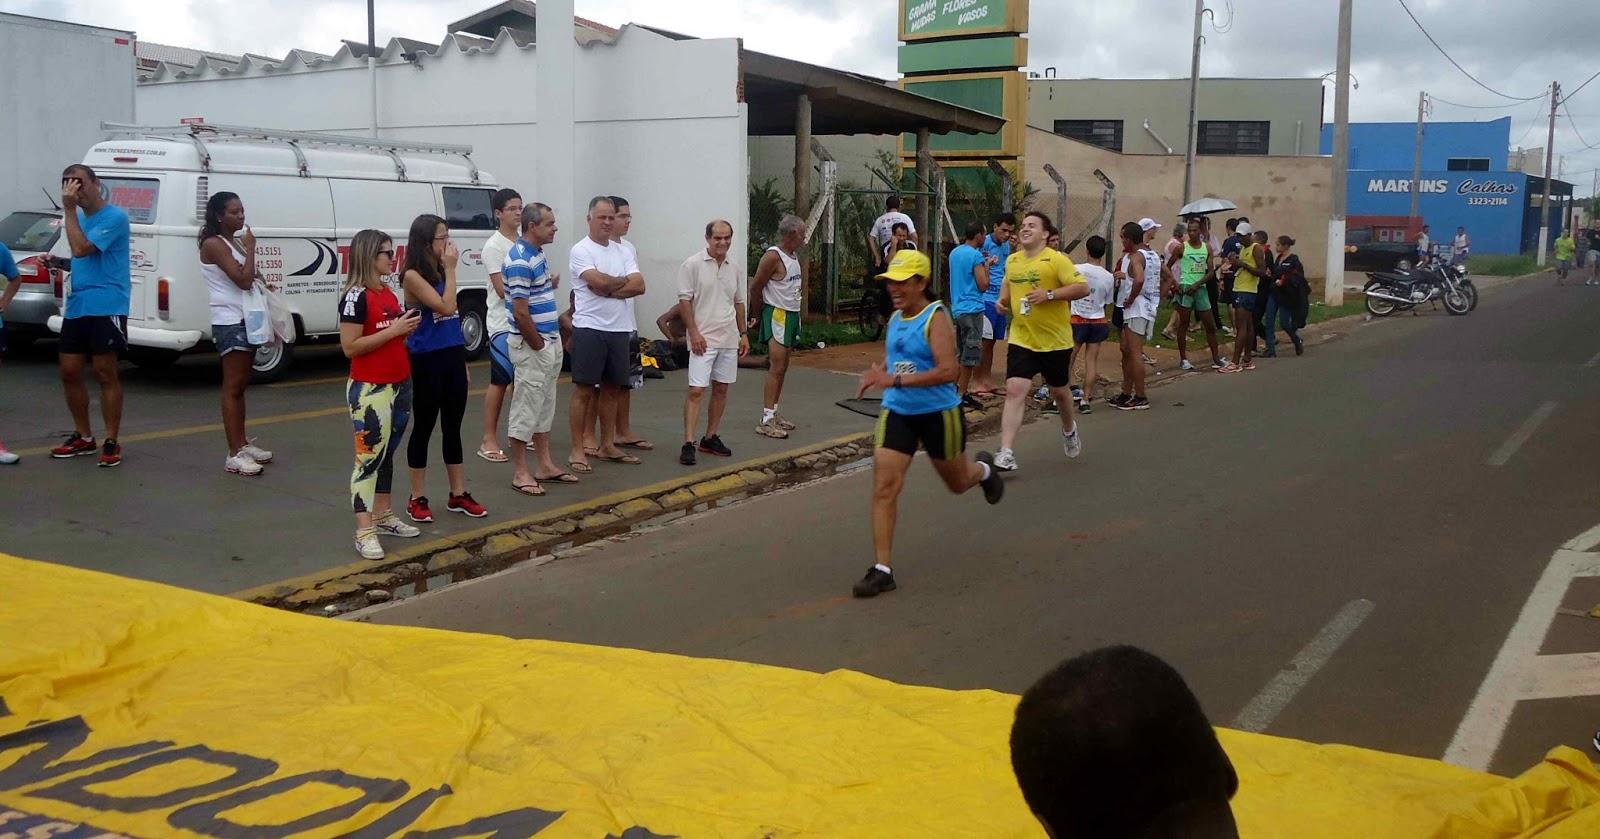 Foto 178 da 1ª Corrida Av. dos Coqueiros em Barretos-SP 14/04/2013 – Atletas cruzando a linha de chegada